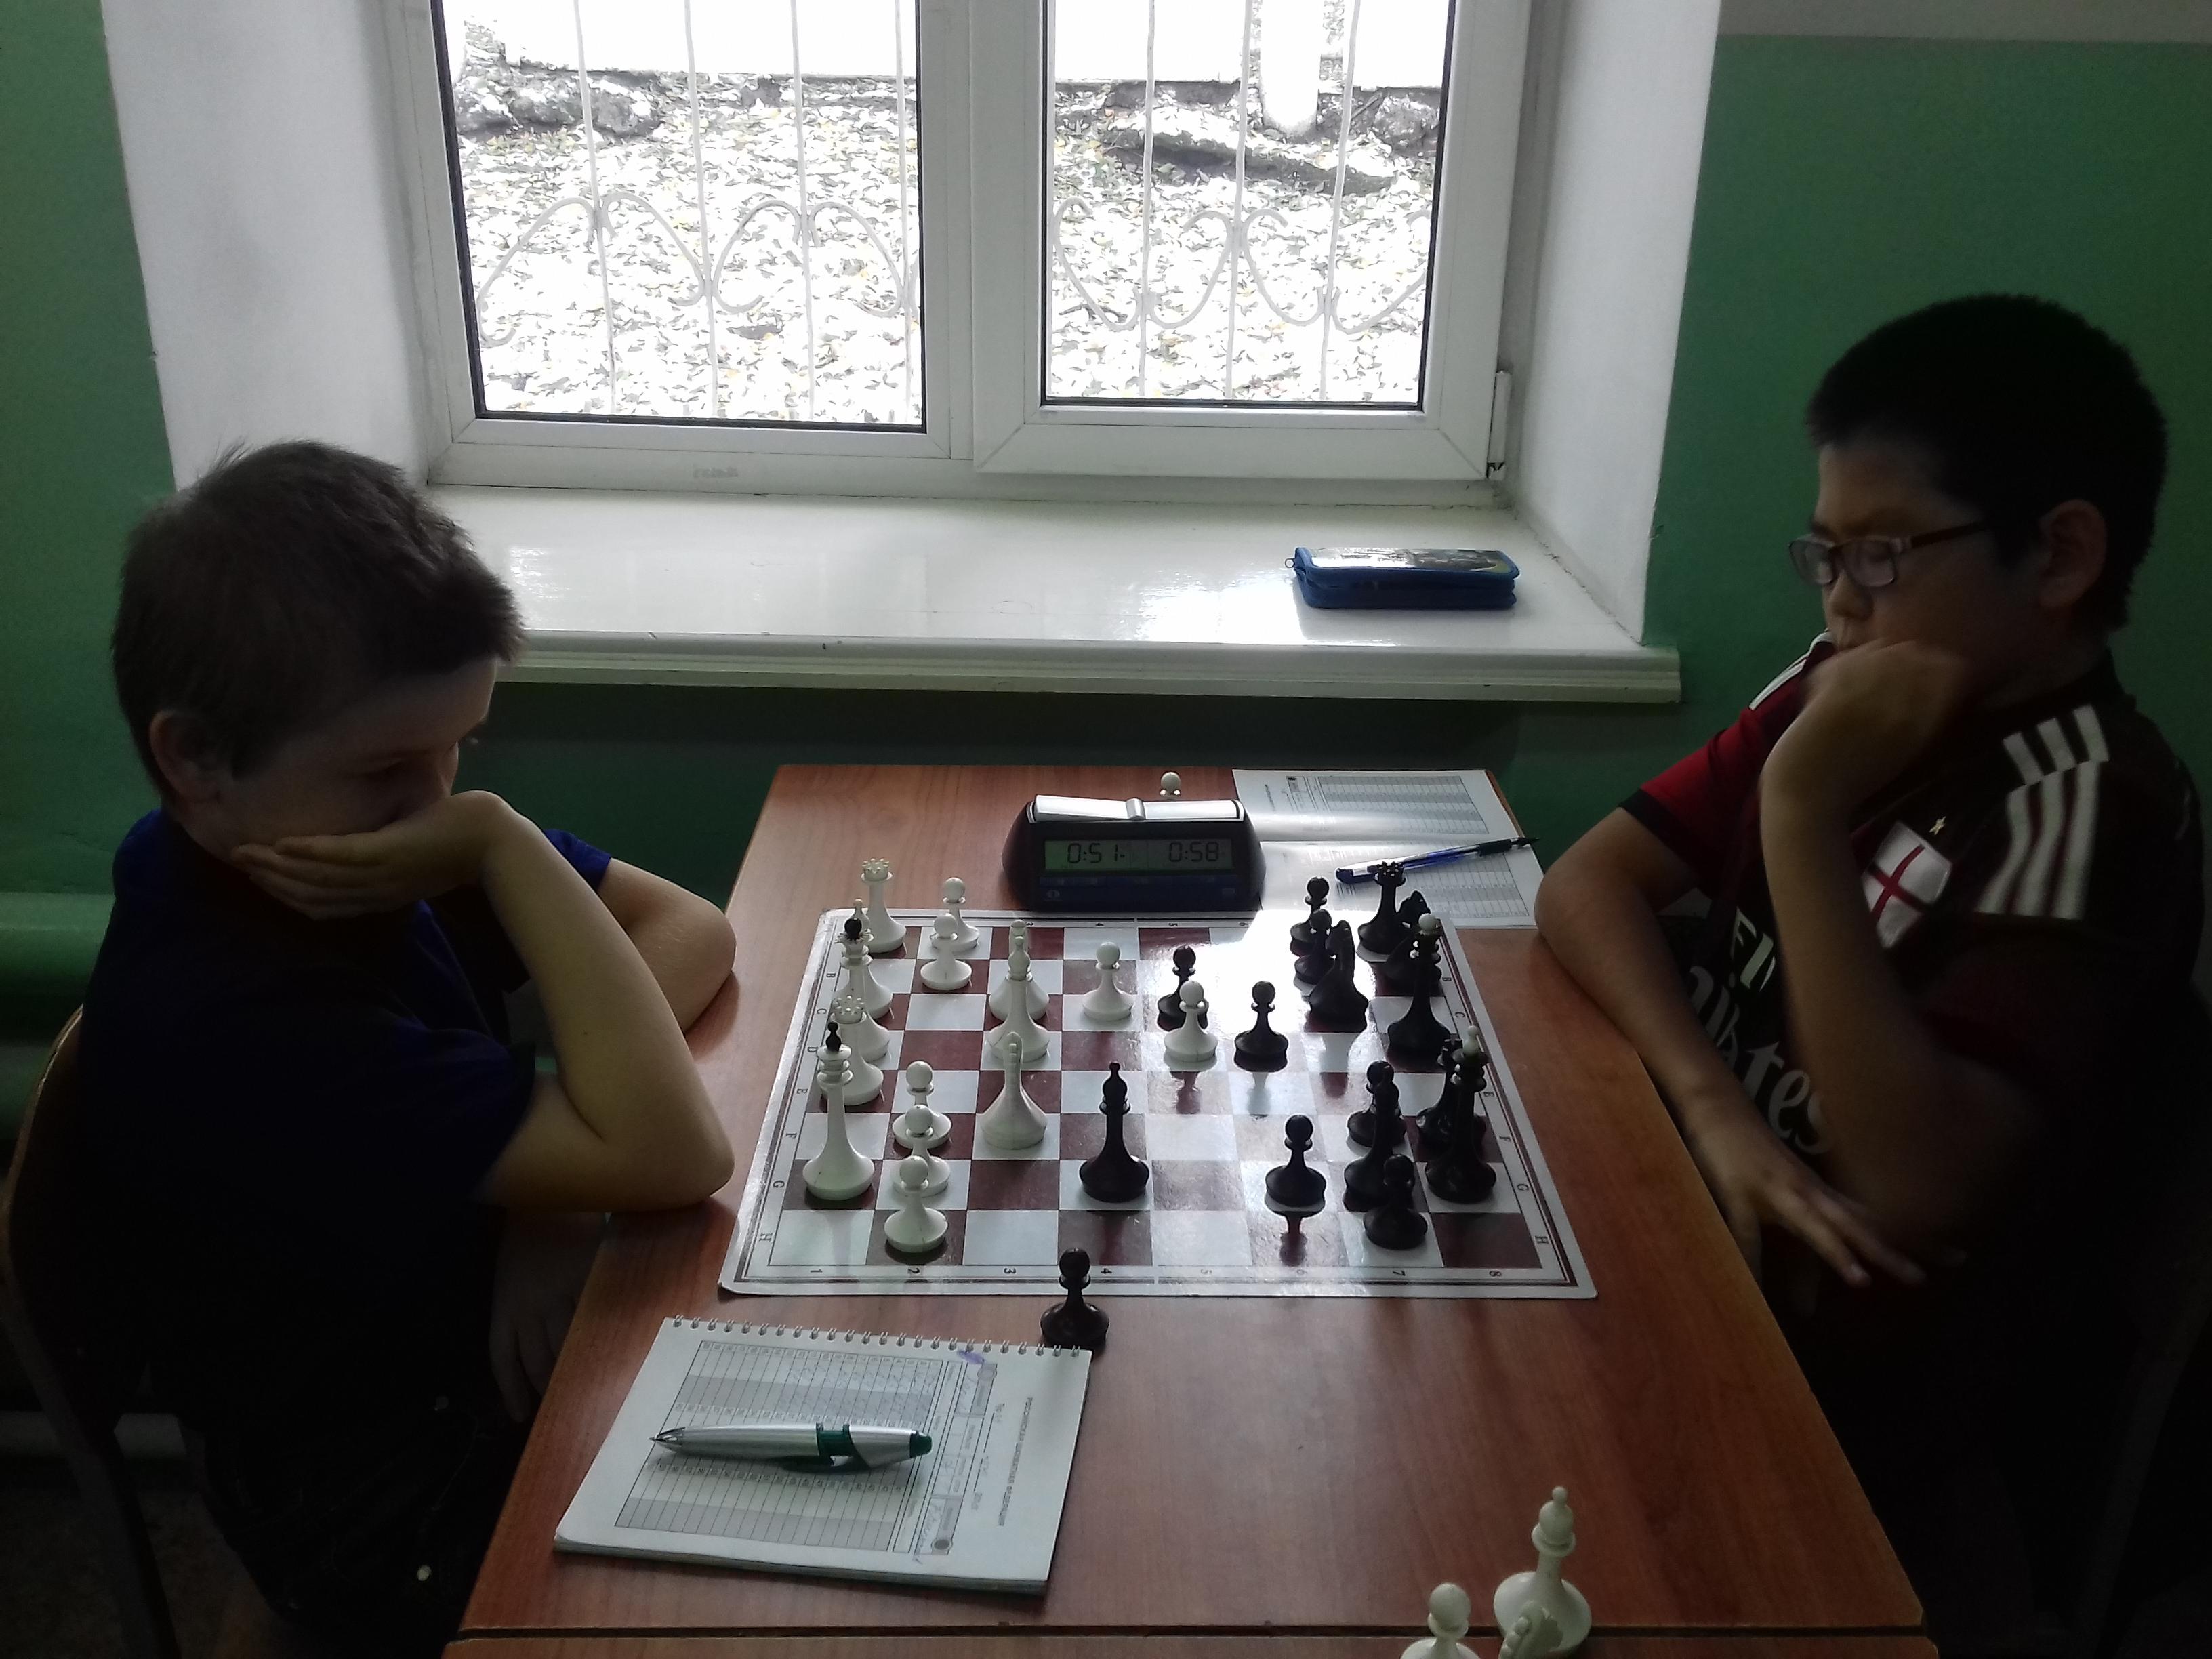 Слева победитель турнира Степан Харкевич, справа второй призёр Михаил Канзычаков.